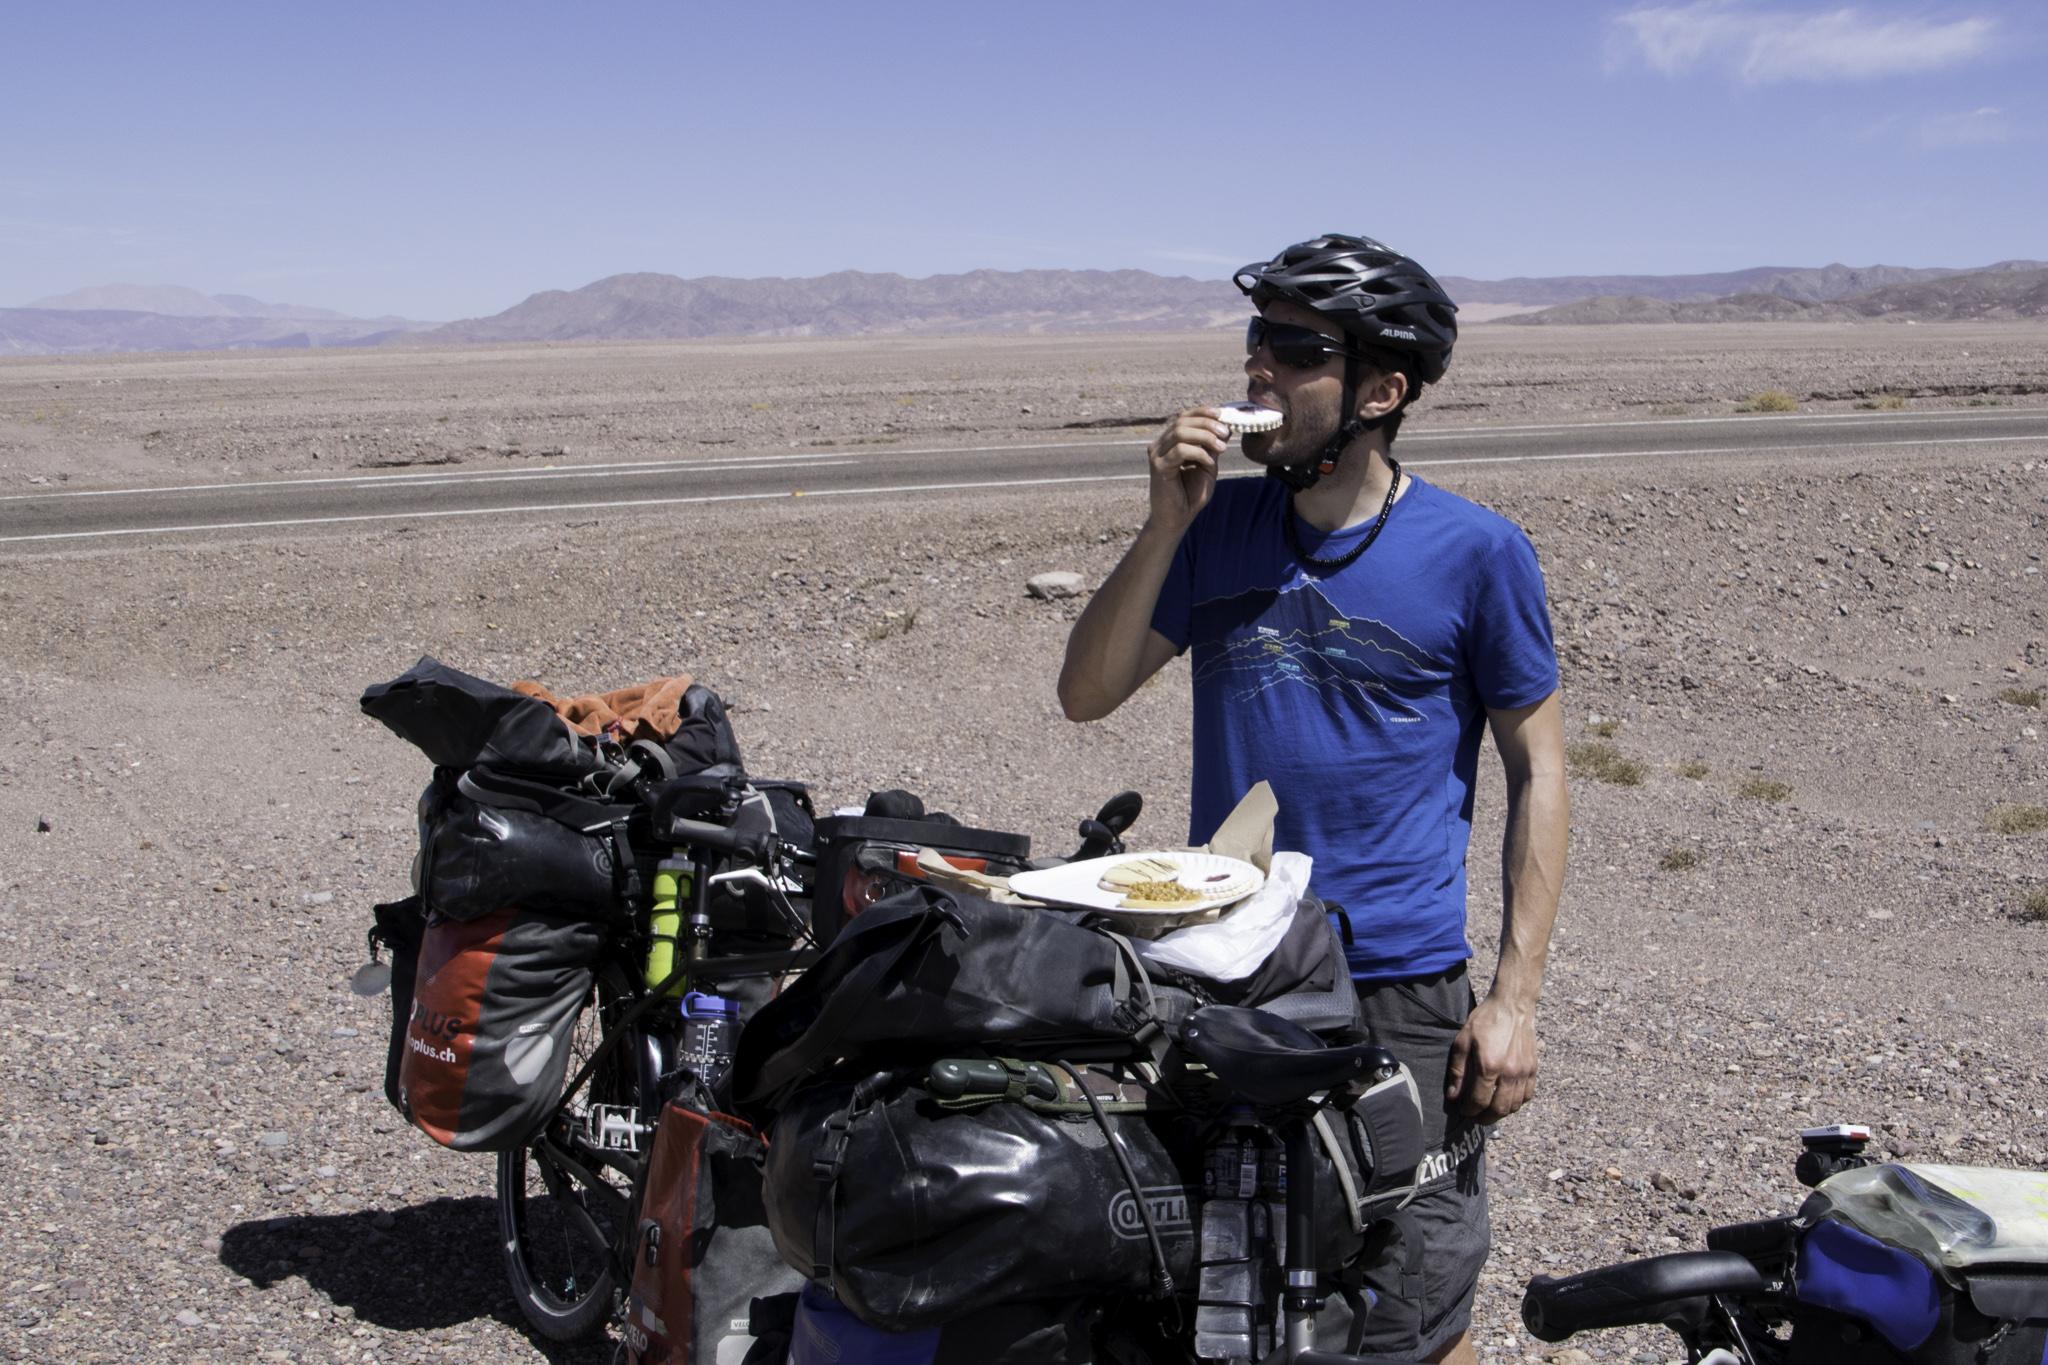 Nach langer Abstinenz in Bolivien wieder leckere Backwaren für Michi